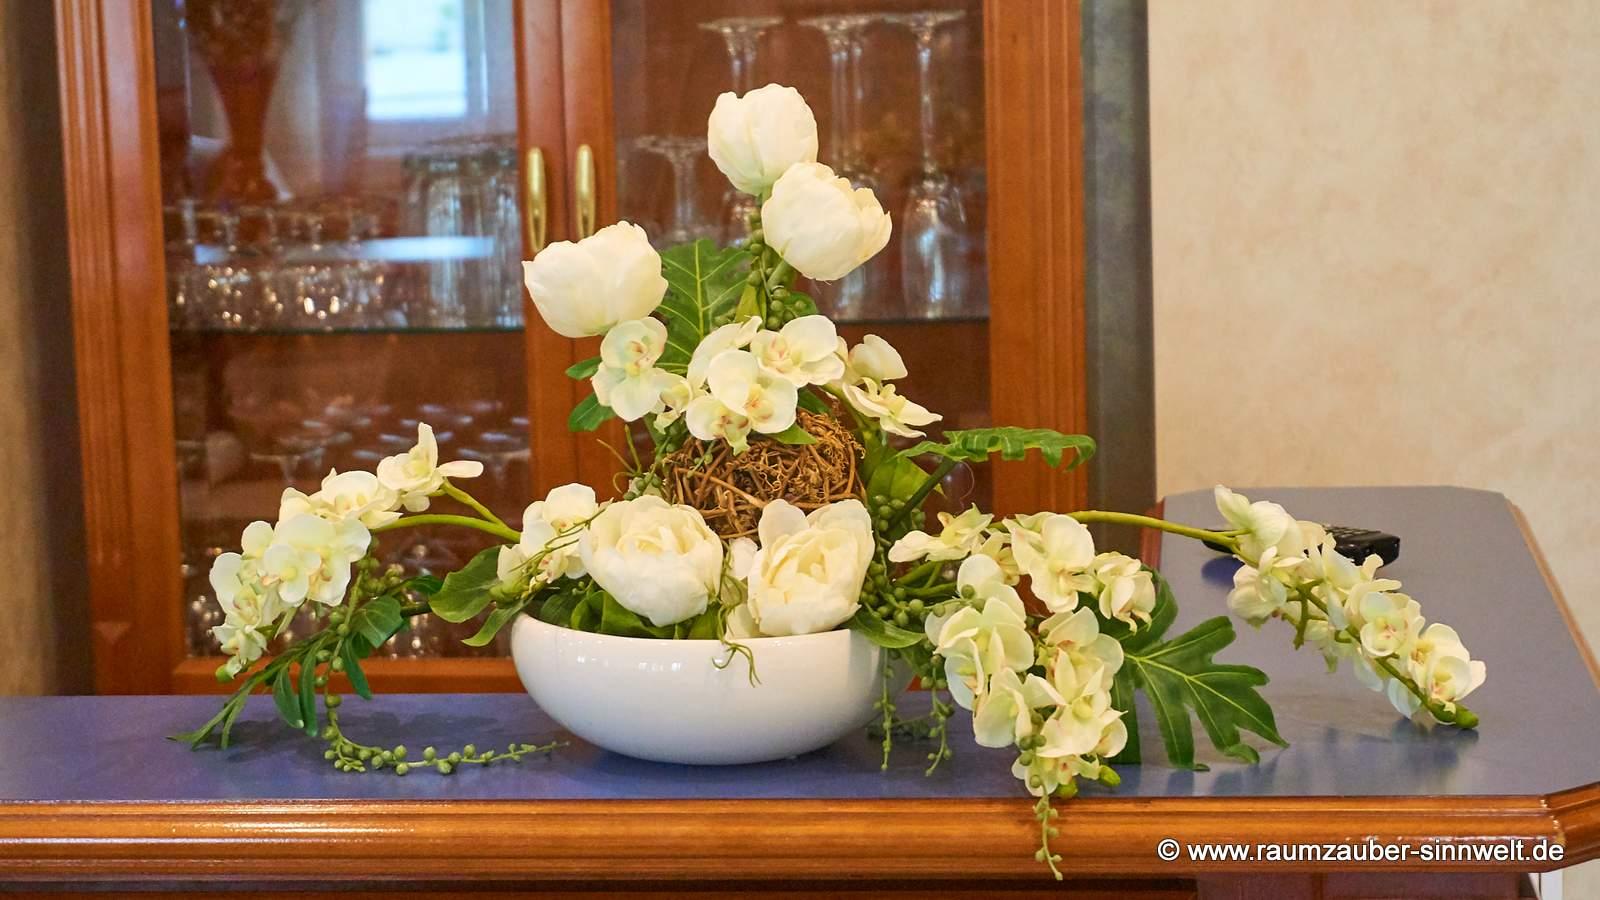 stilvolles Trockengesteck in eleganter TIZIANO-Keramik für die Bar